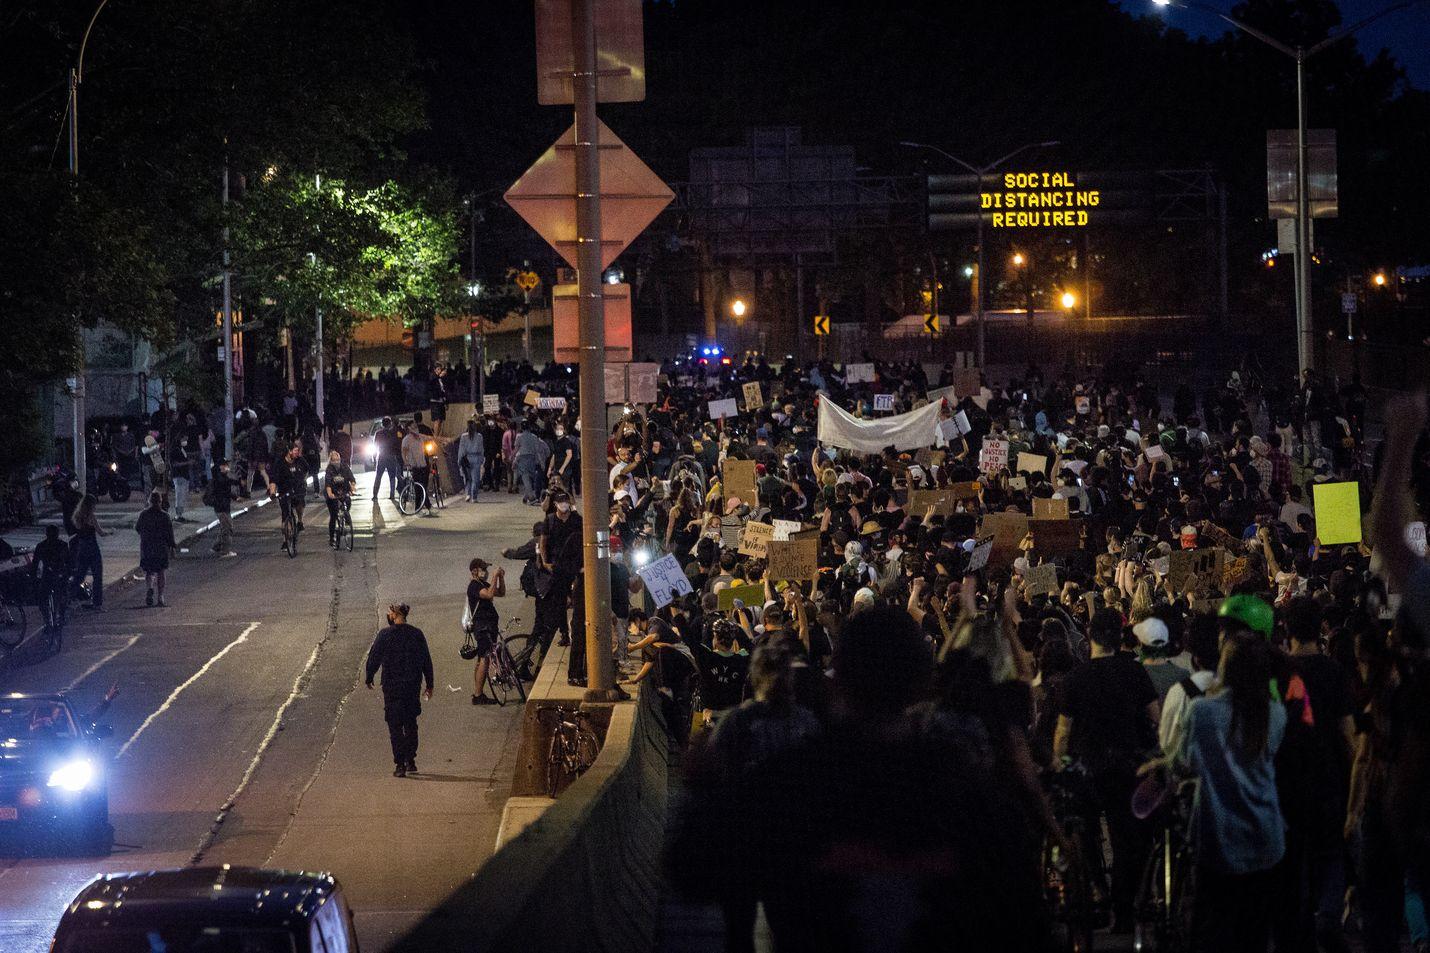 George Floydin kuoleman aikaansaamat mielenosoitukset vaikeuttivat liikennettä New Yorkissa maanantaina.